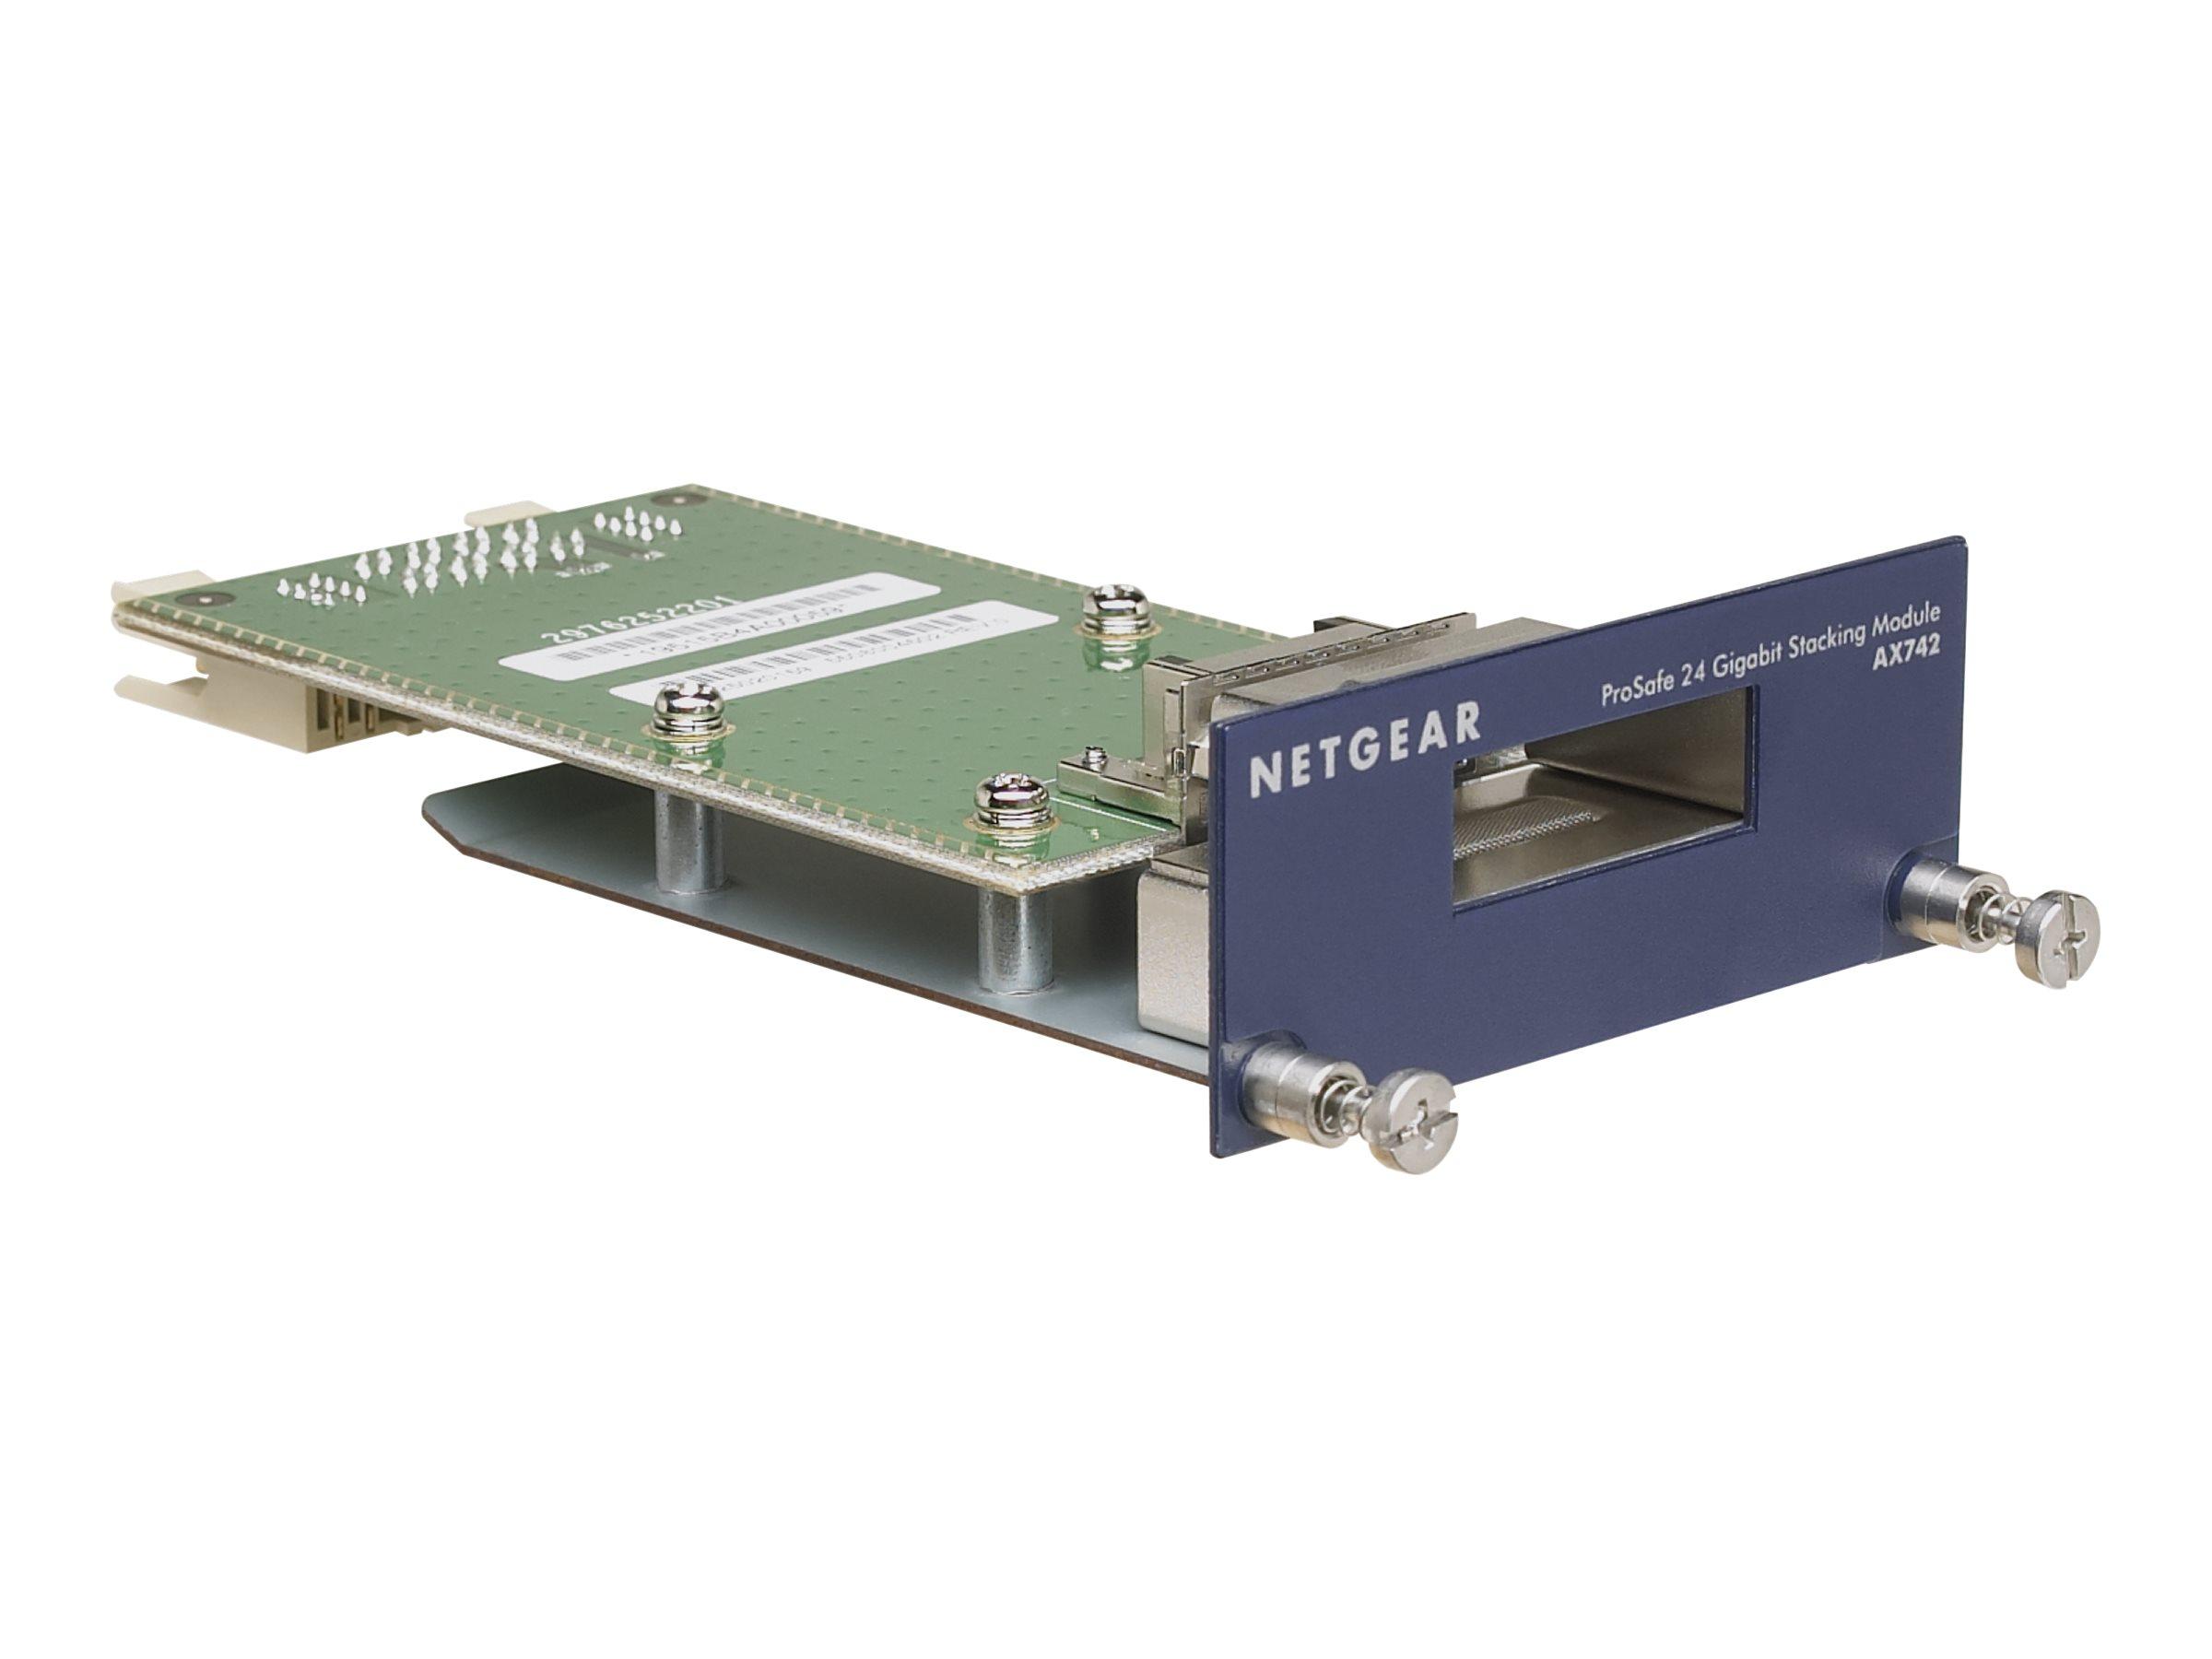 NETGEAR ProSafe AX742 - Erweiterungsmodul (Packung mit 2) - für NETGEAR GSM7228, GSM7252, GSM7328, GSM7352; Next-Gen Edge Manage